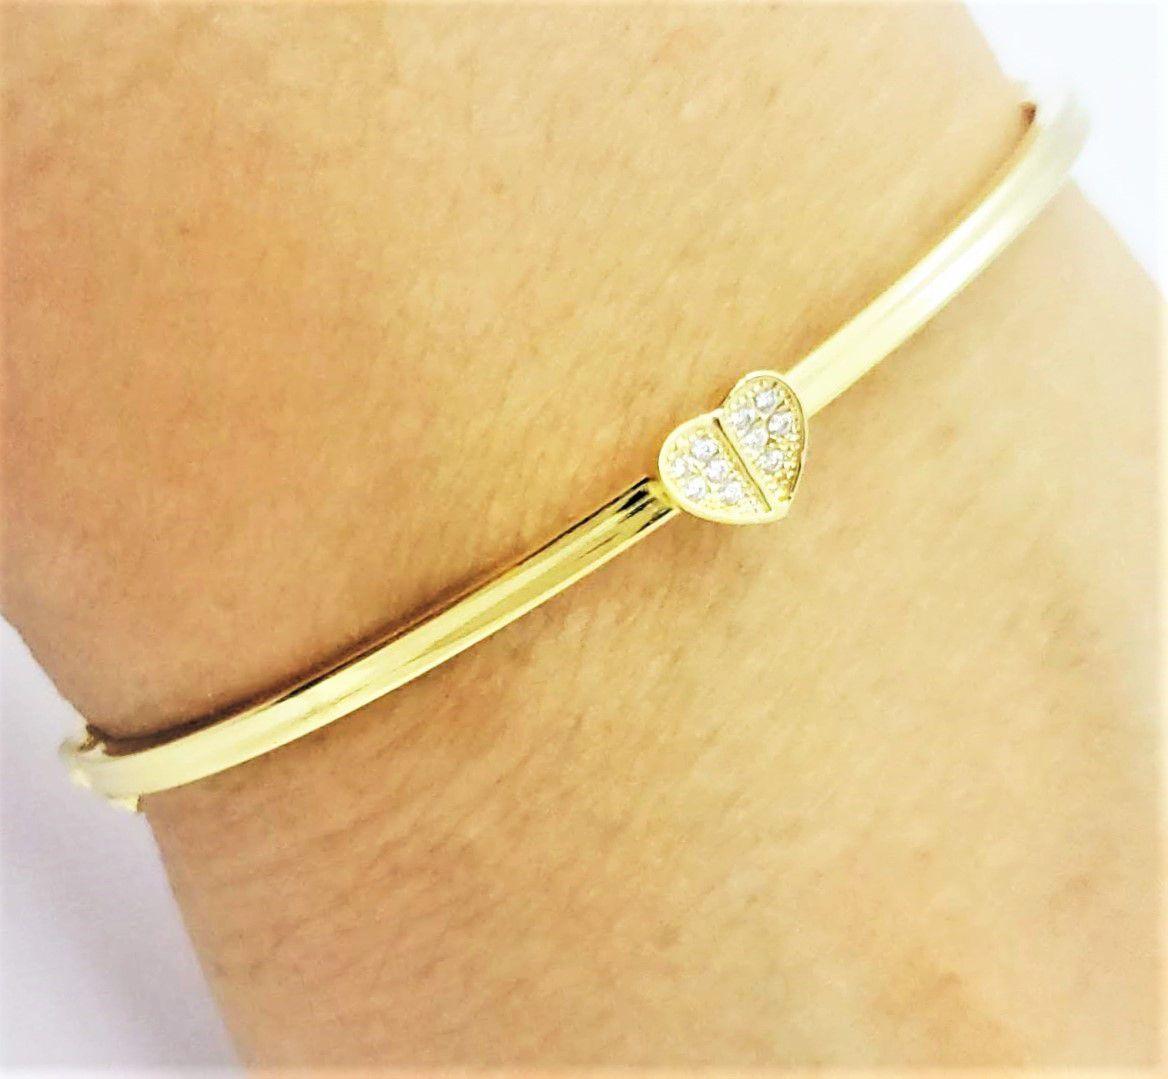 Bracelete Algema Coração Cravejado De Zirconias Banho De Ouro 18k 4609